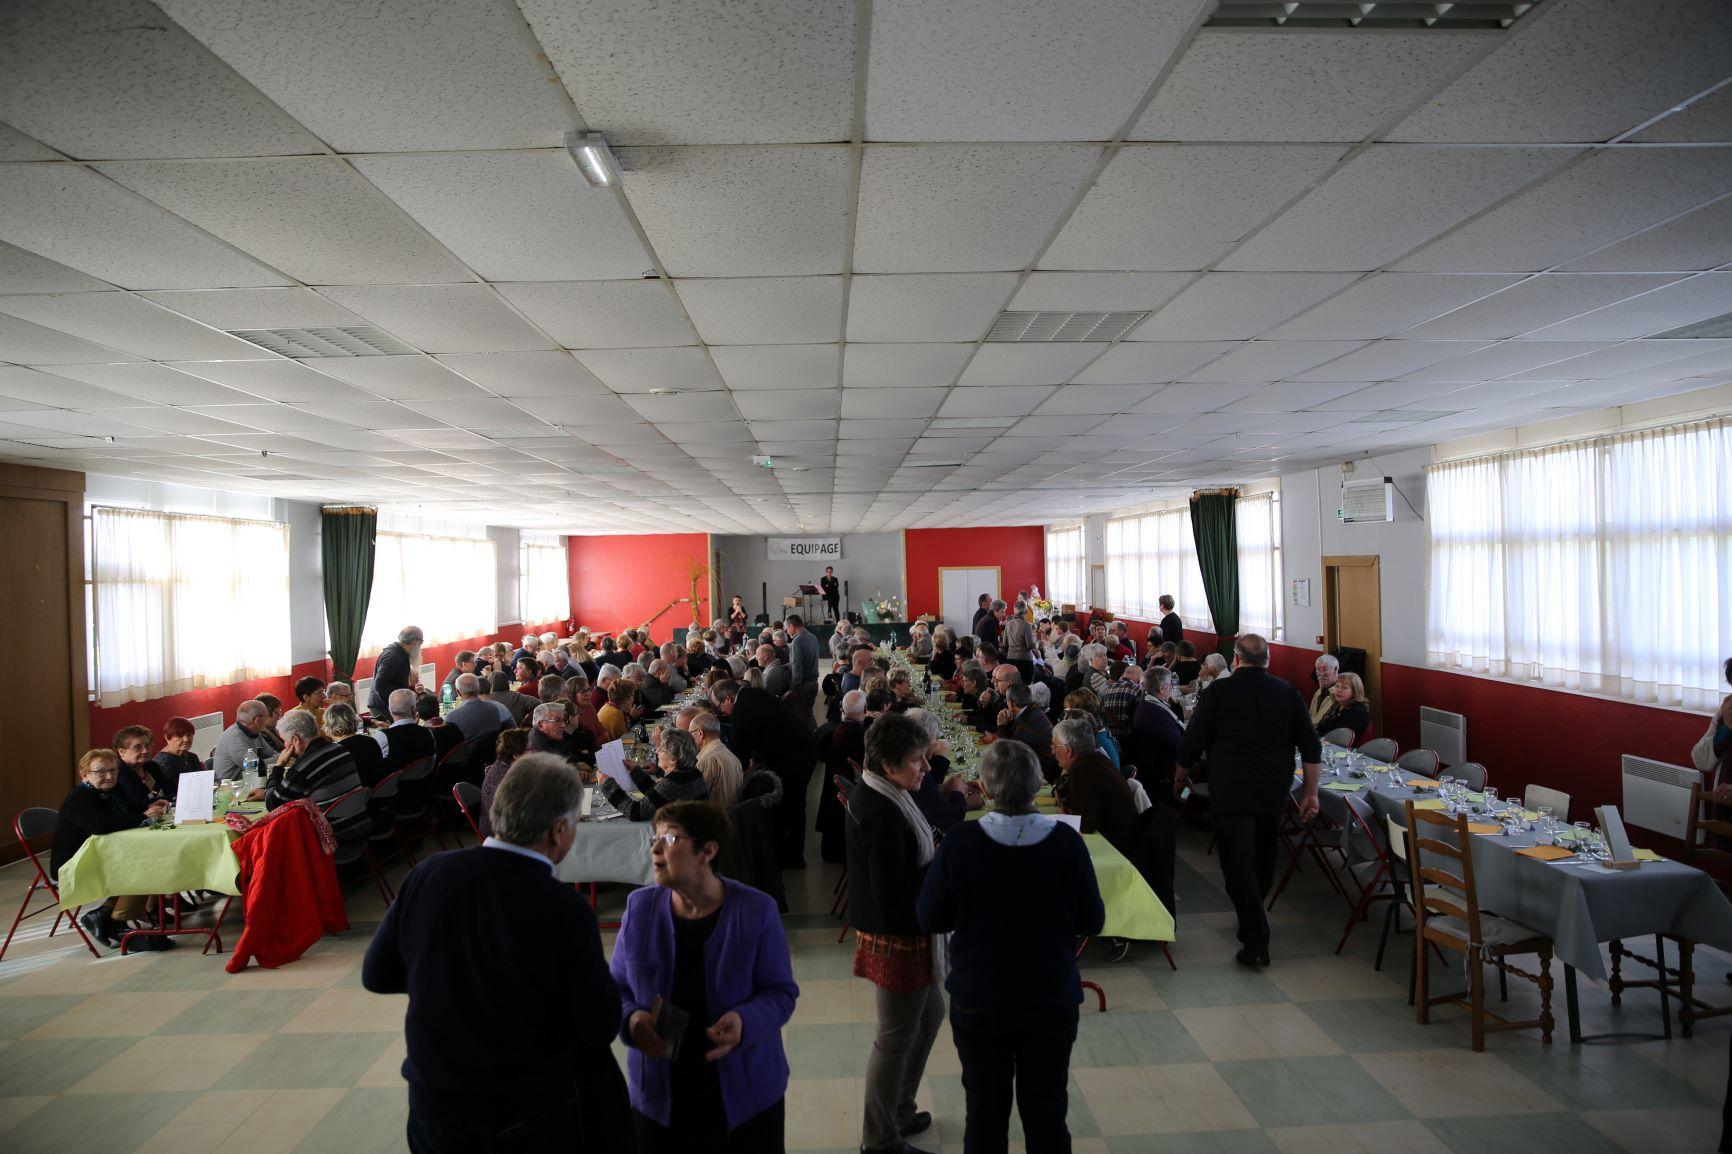 Impressionnante la salle de Bralleville au moment où les convives ont regagné leurs tables.